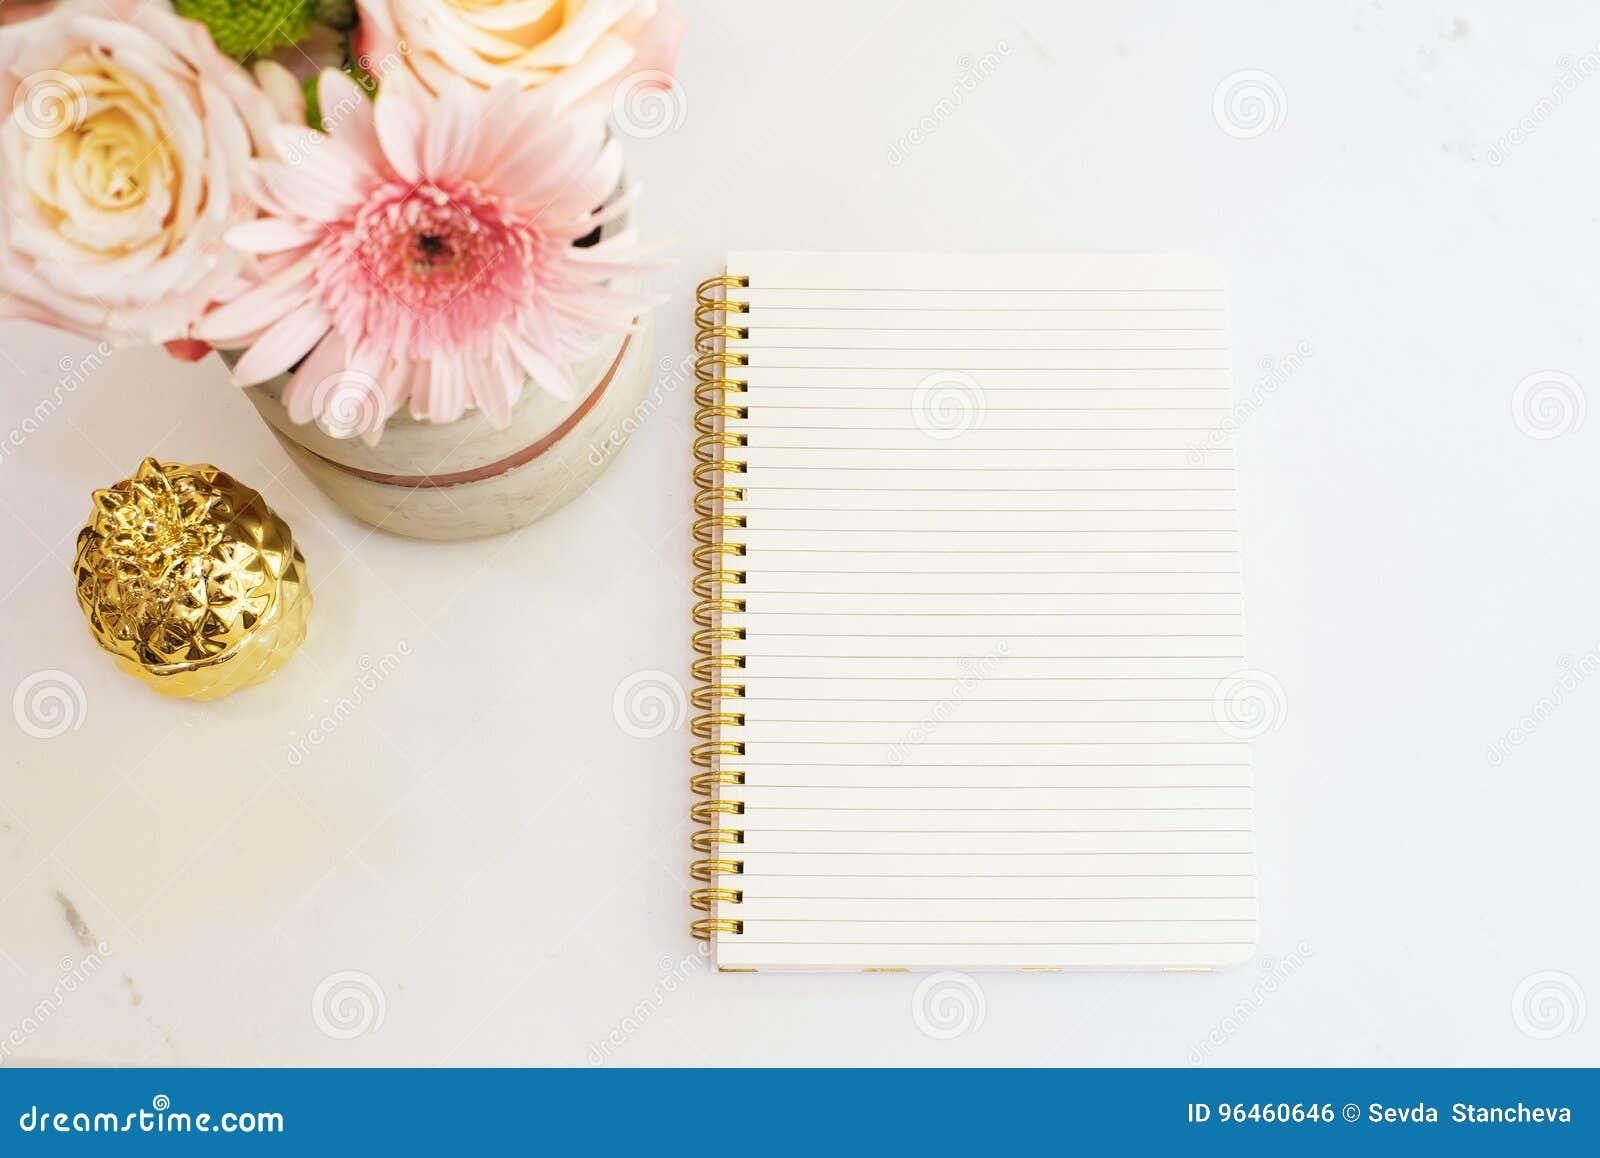 Kvinnligt arbetsplatsbegrepp i lekmanna- stil för lägenhet med blommor, guld- ananas, anteckningsbok på vit marmorbakgrund Bästa